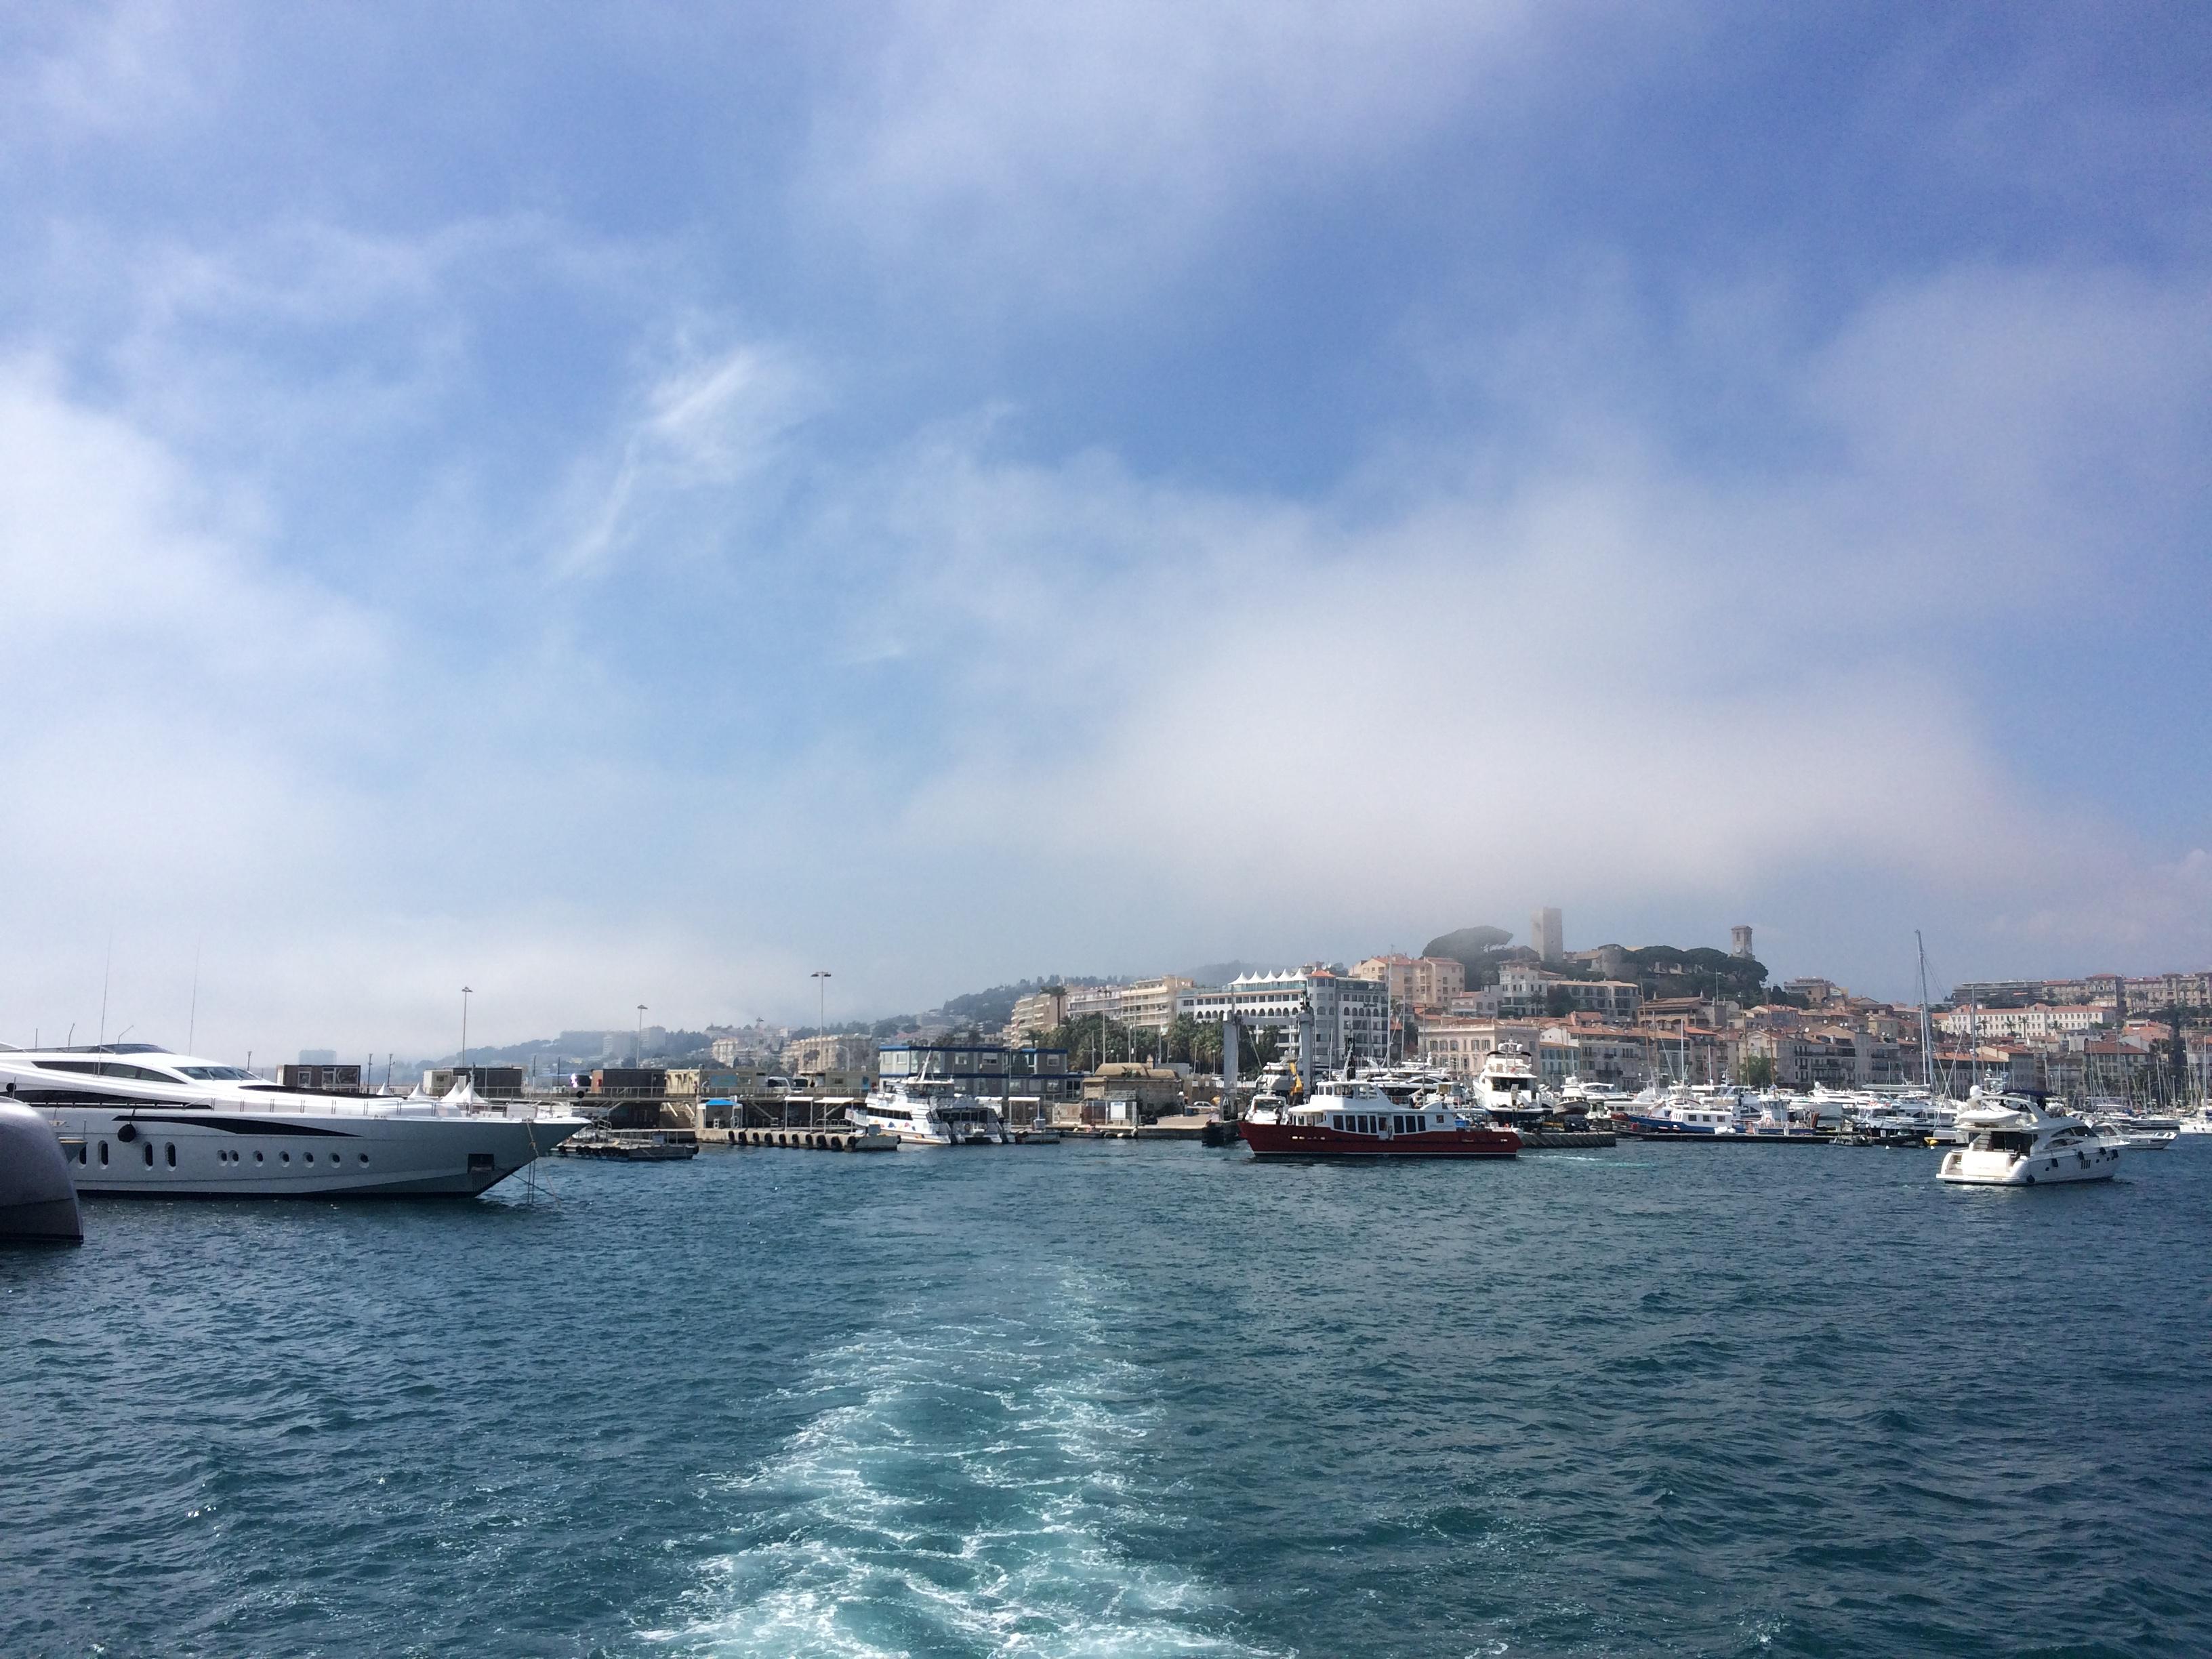 En route de Cannes vers l'île. Photo : Marie-Julie Gagnon